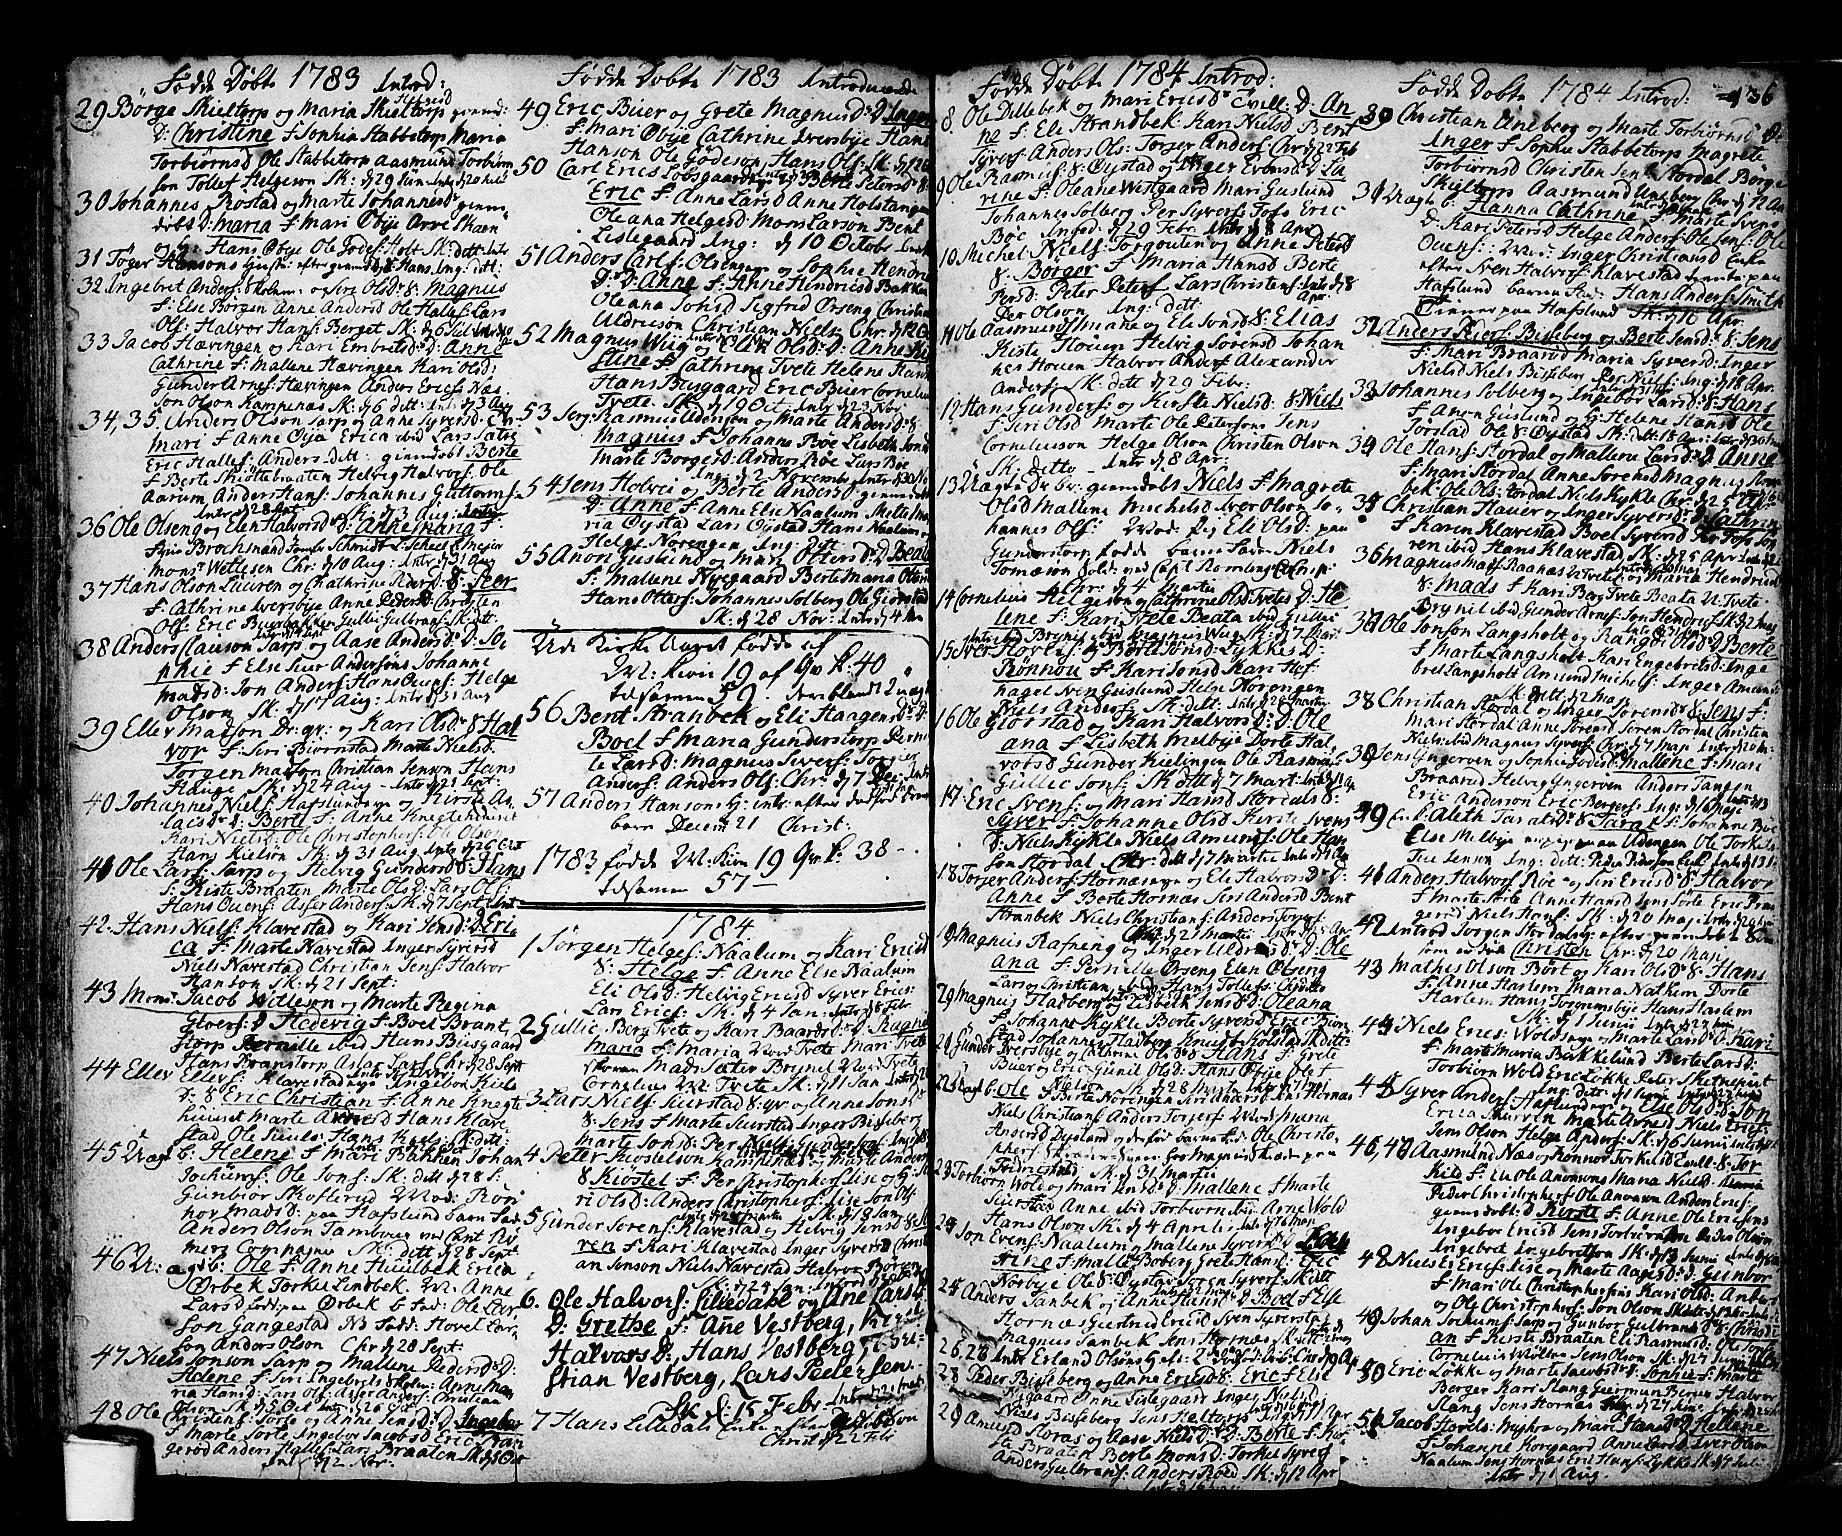 SAO, Skjeberg prestekontor Kirkebøker, F/Fa/L0002: Ministerialbok nr. I 2, 1726-1791, s. 136